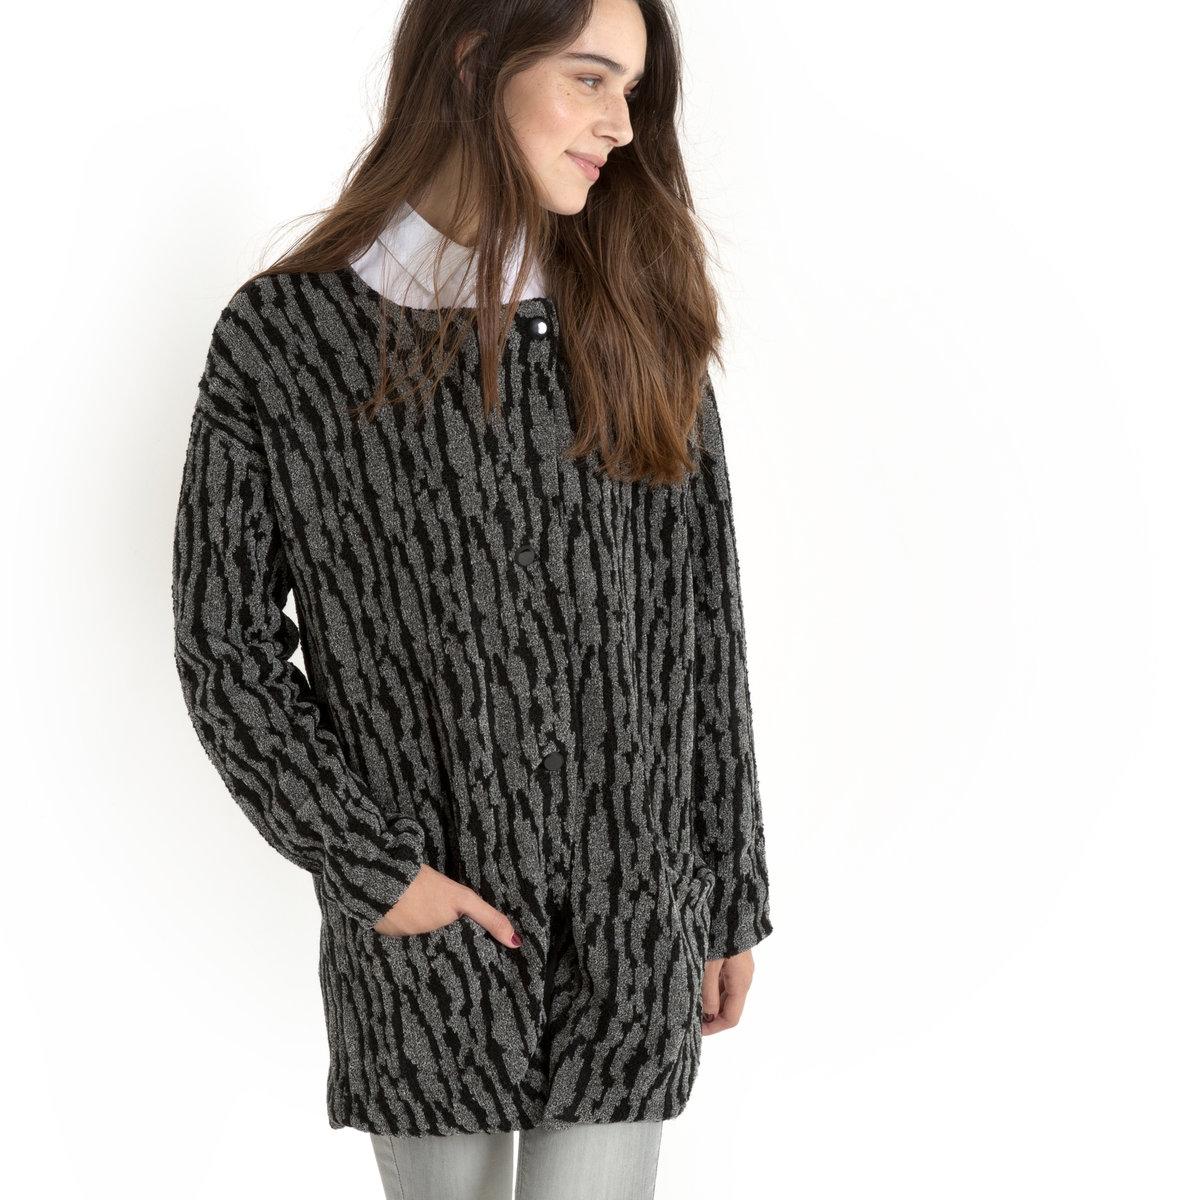 Пальто IDAДвухцветное пальто с рисунком, модель IDA от NUMPH. Внешняя сторона из мягкого двухцветного трикотажа. Прямой покрой. Длинные рукава с приспущенными проймами. Круглый вырез без воротника. Двойная застежка спереди на пуговицы на вырезе. 2 кармана спереди.. Пальто из 79% акрила и 21% хлопка. Подкладка из 100% полиэстера.<br><br>Цвет: черный/ антрацит<br>Размер: M